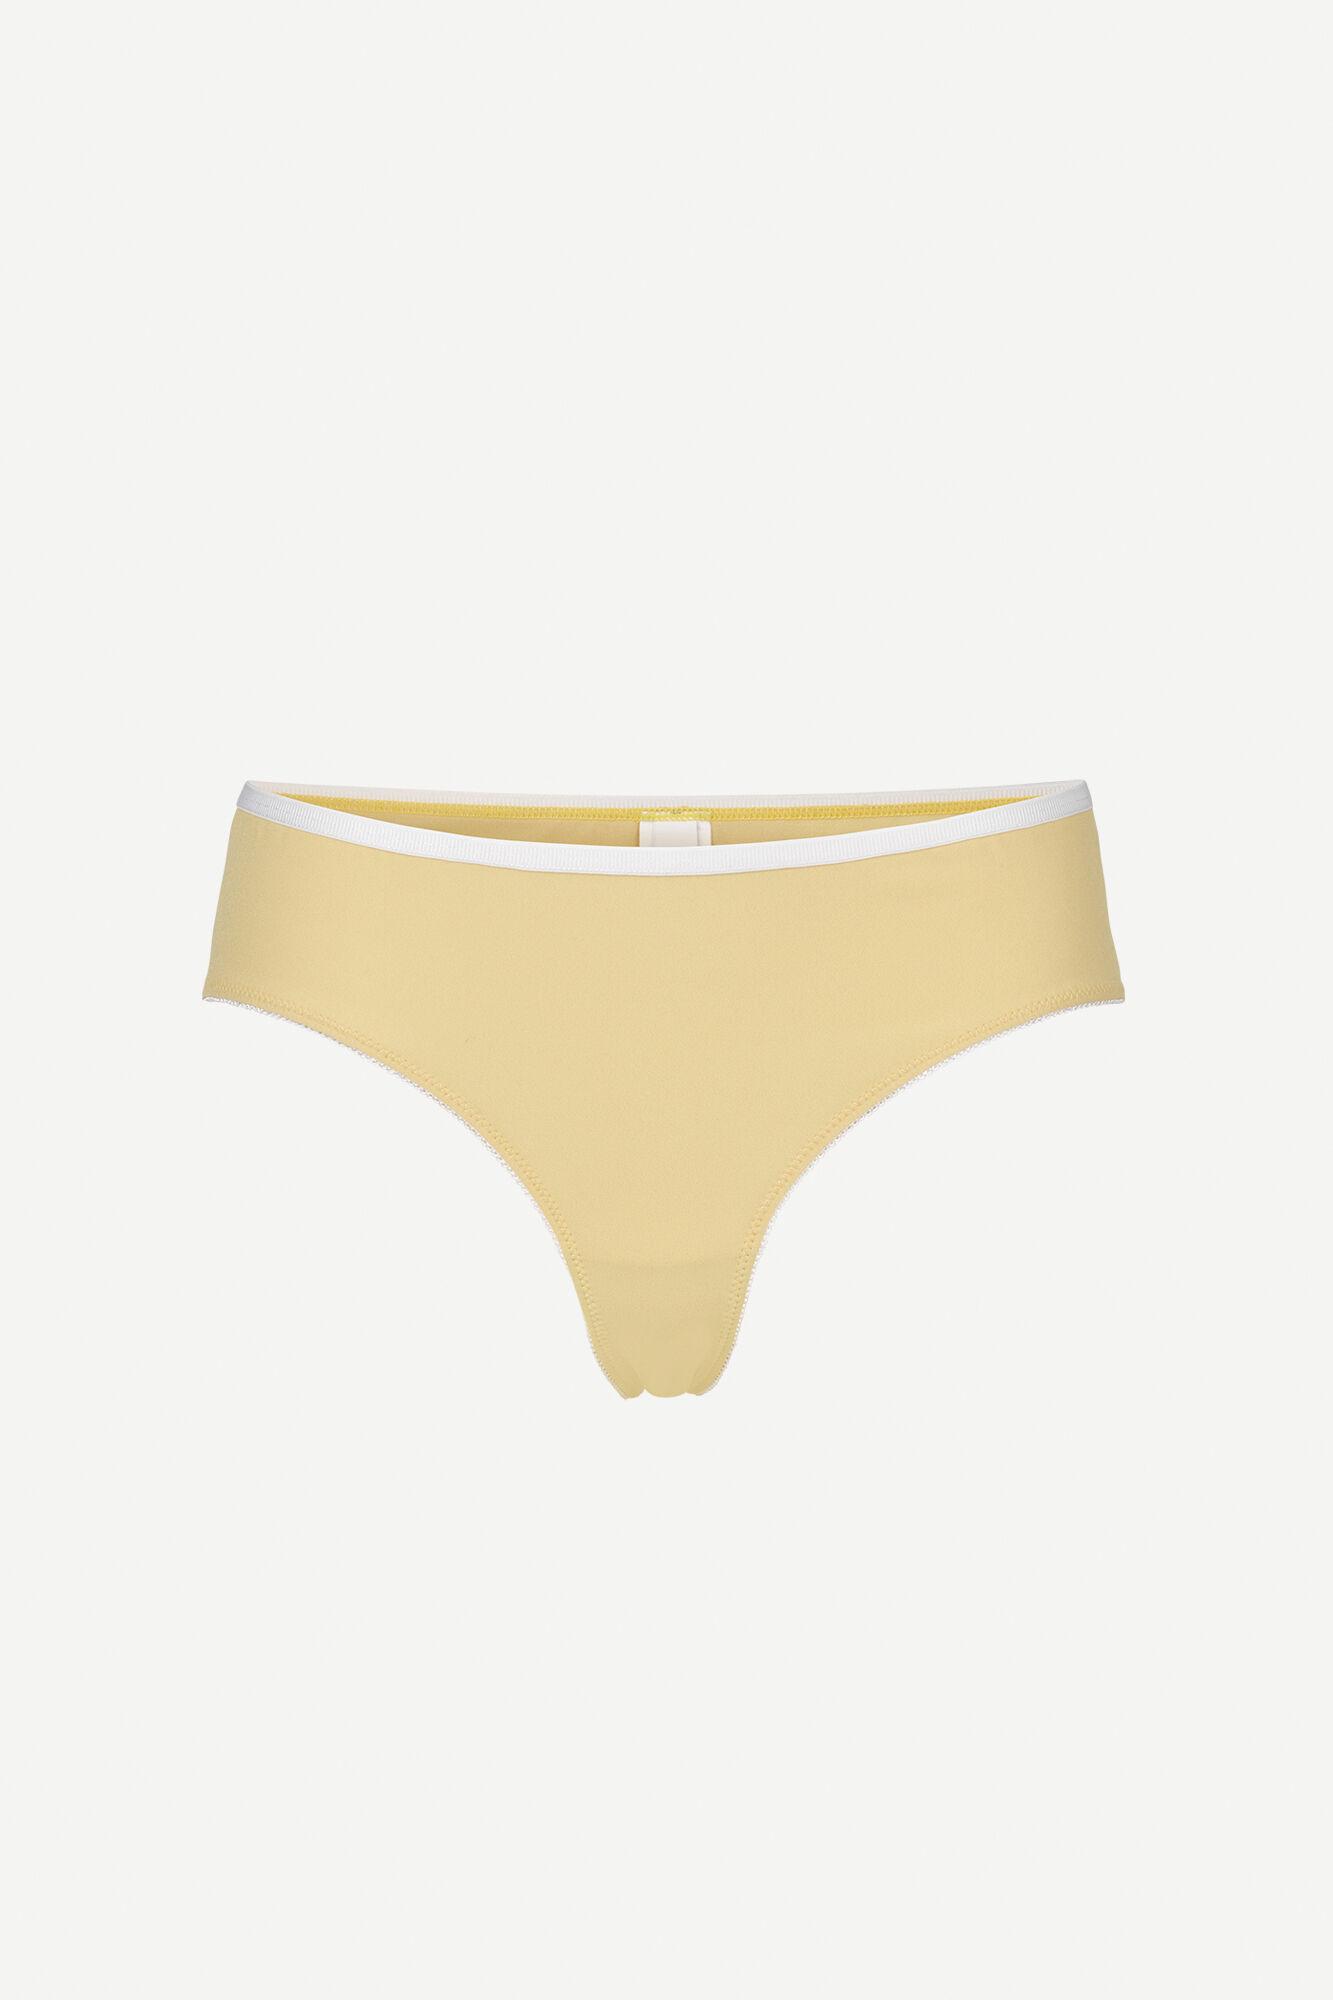 Yella panties 13040